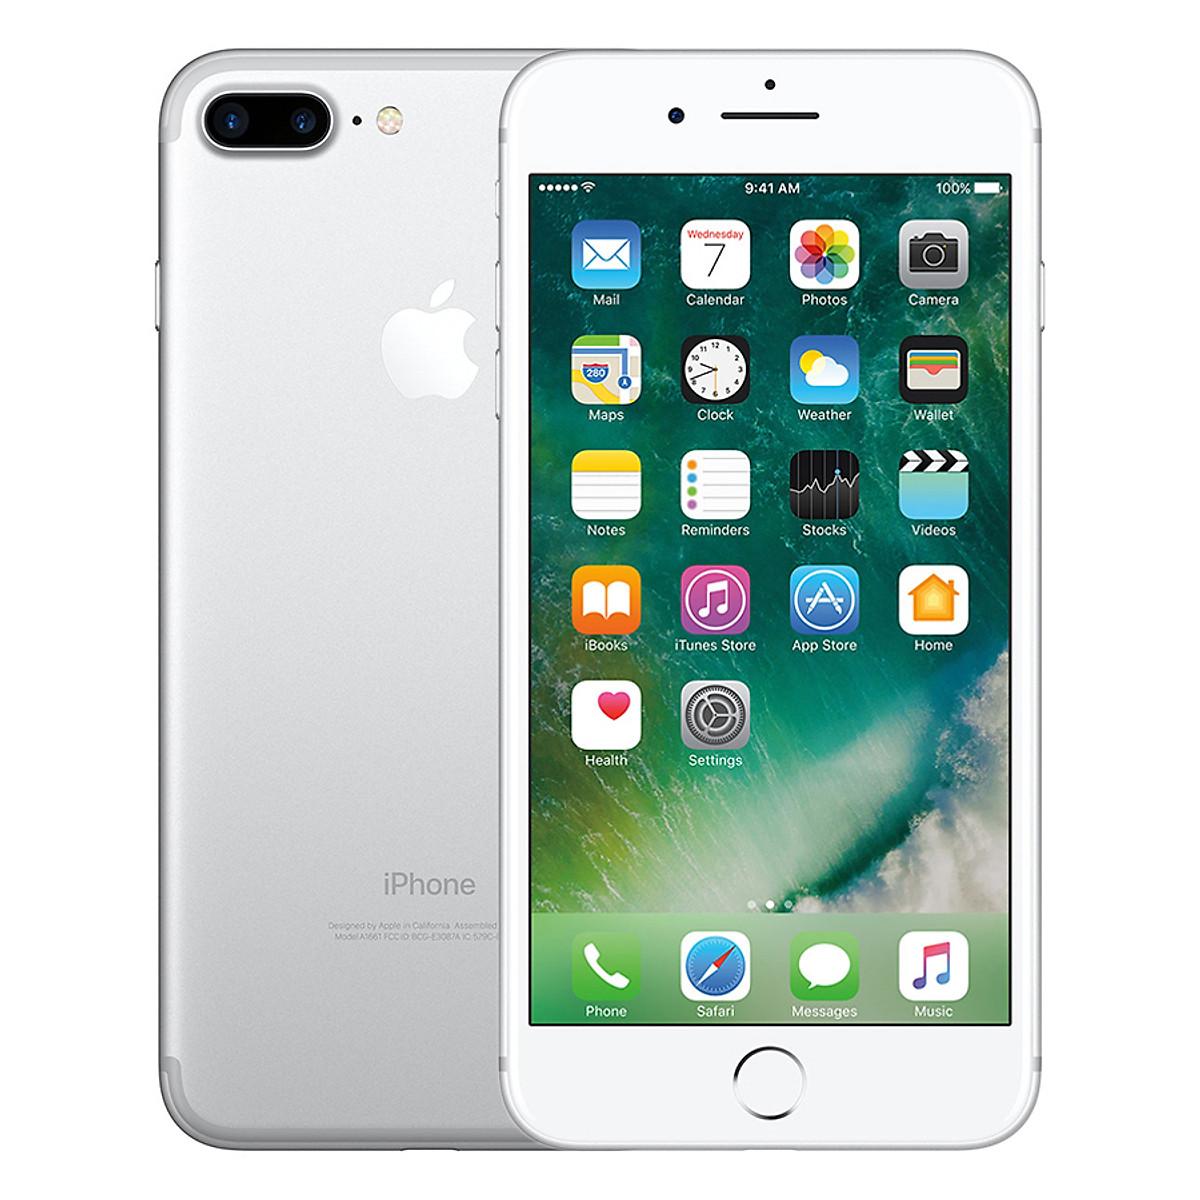 Kích thước iPhone 7 và kích thước iPhone 7 Plus - Kích thước chuẩn